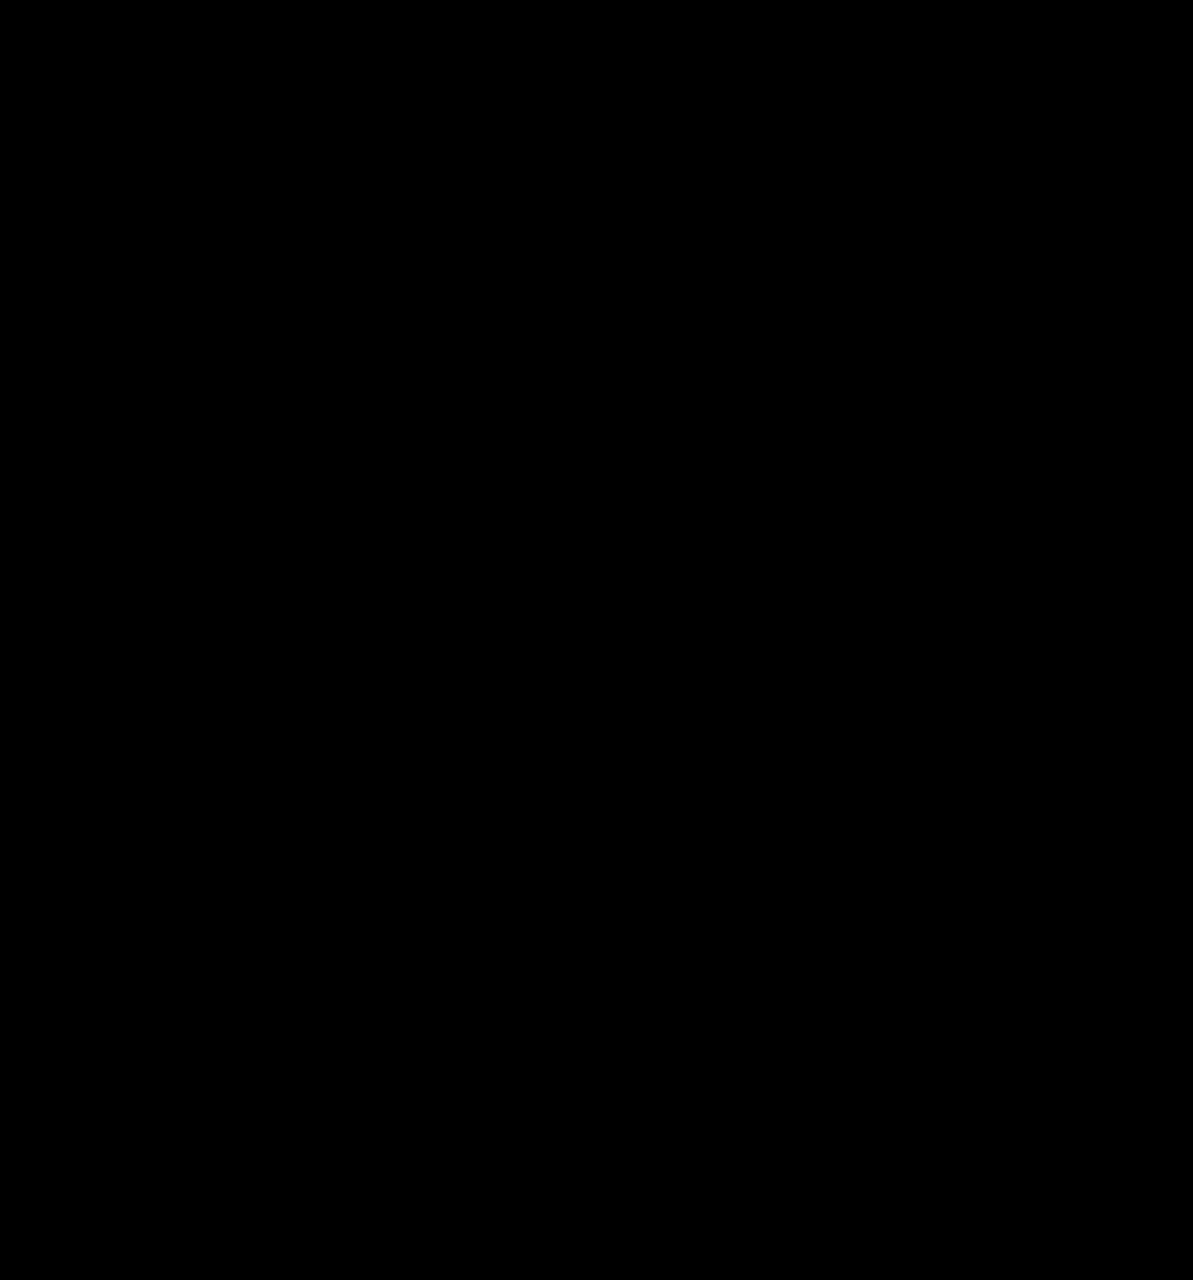 Знак овен символы картинки этой